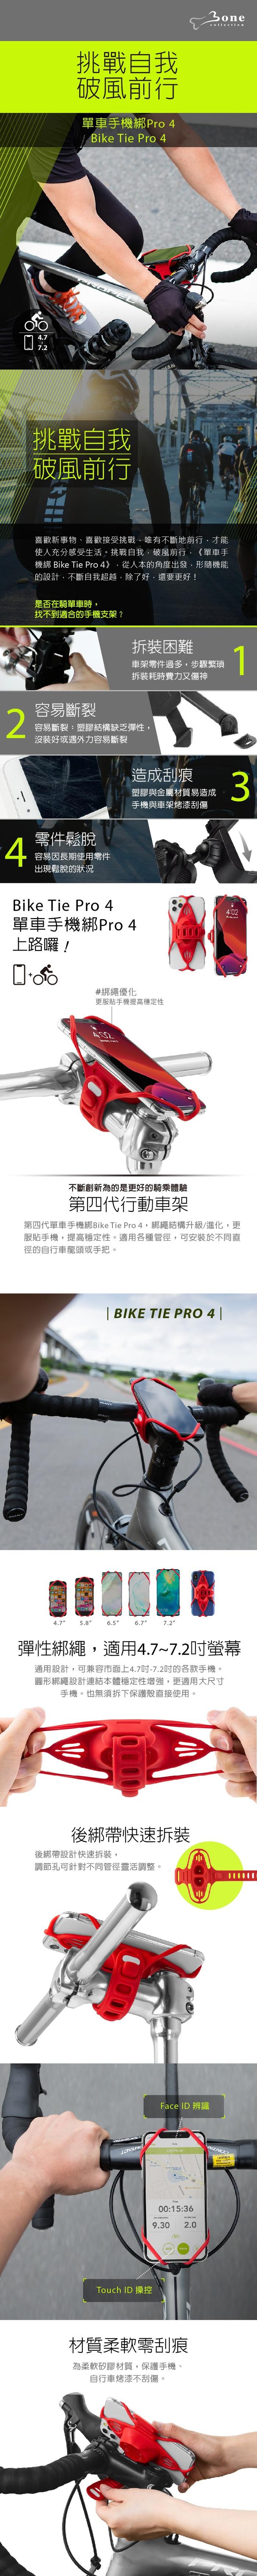 (複製)Bone|單車手機綁 手機架 第四代 Bike Tie 4 - 紅色